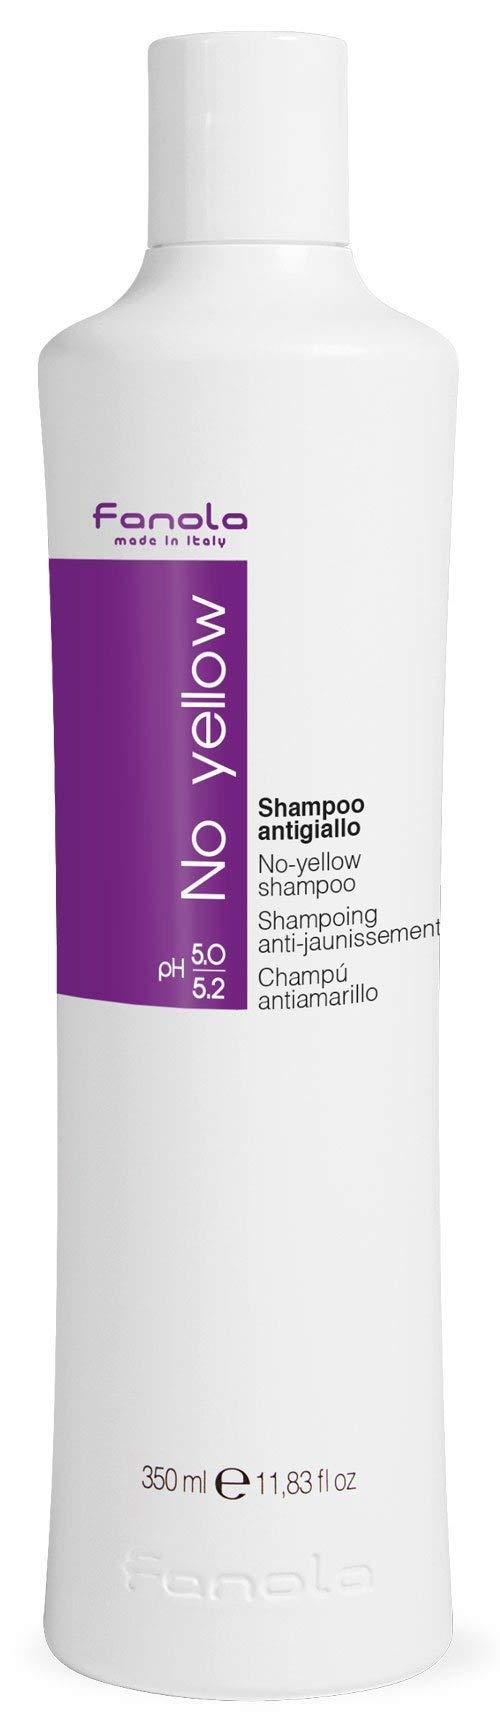 Fanola No Yellow Shampoo, 350 ml by Fanola